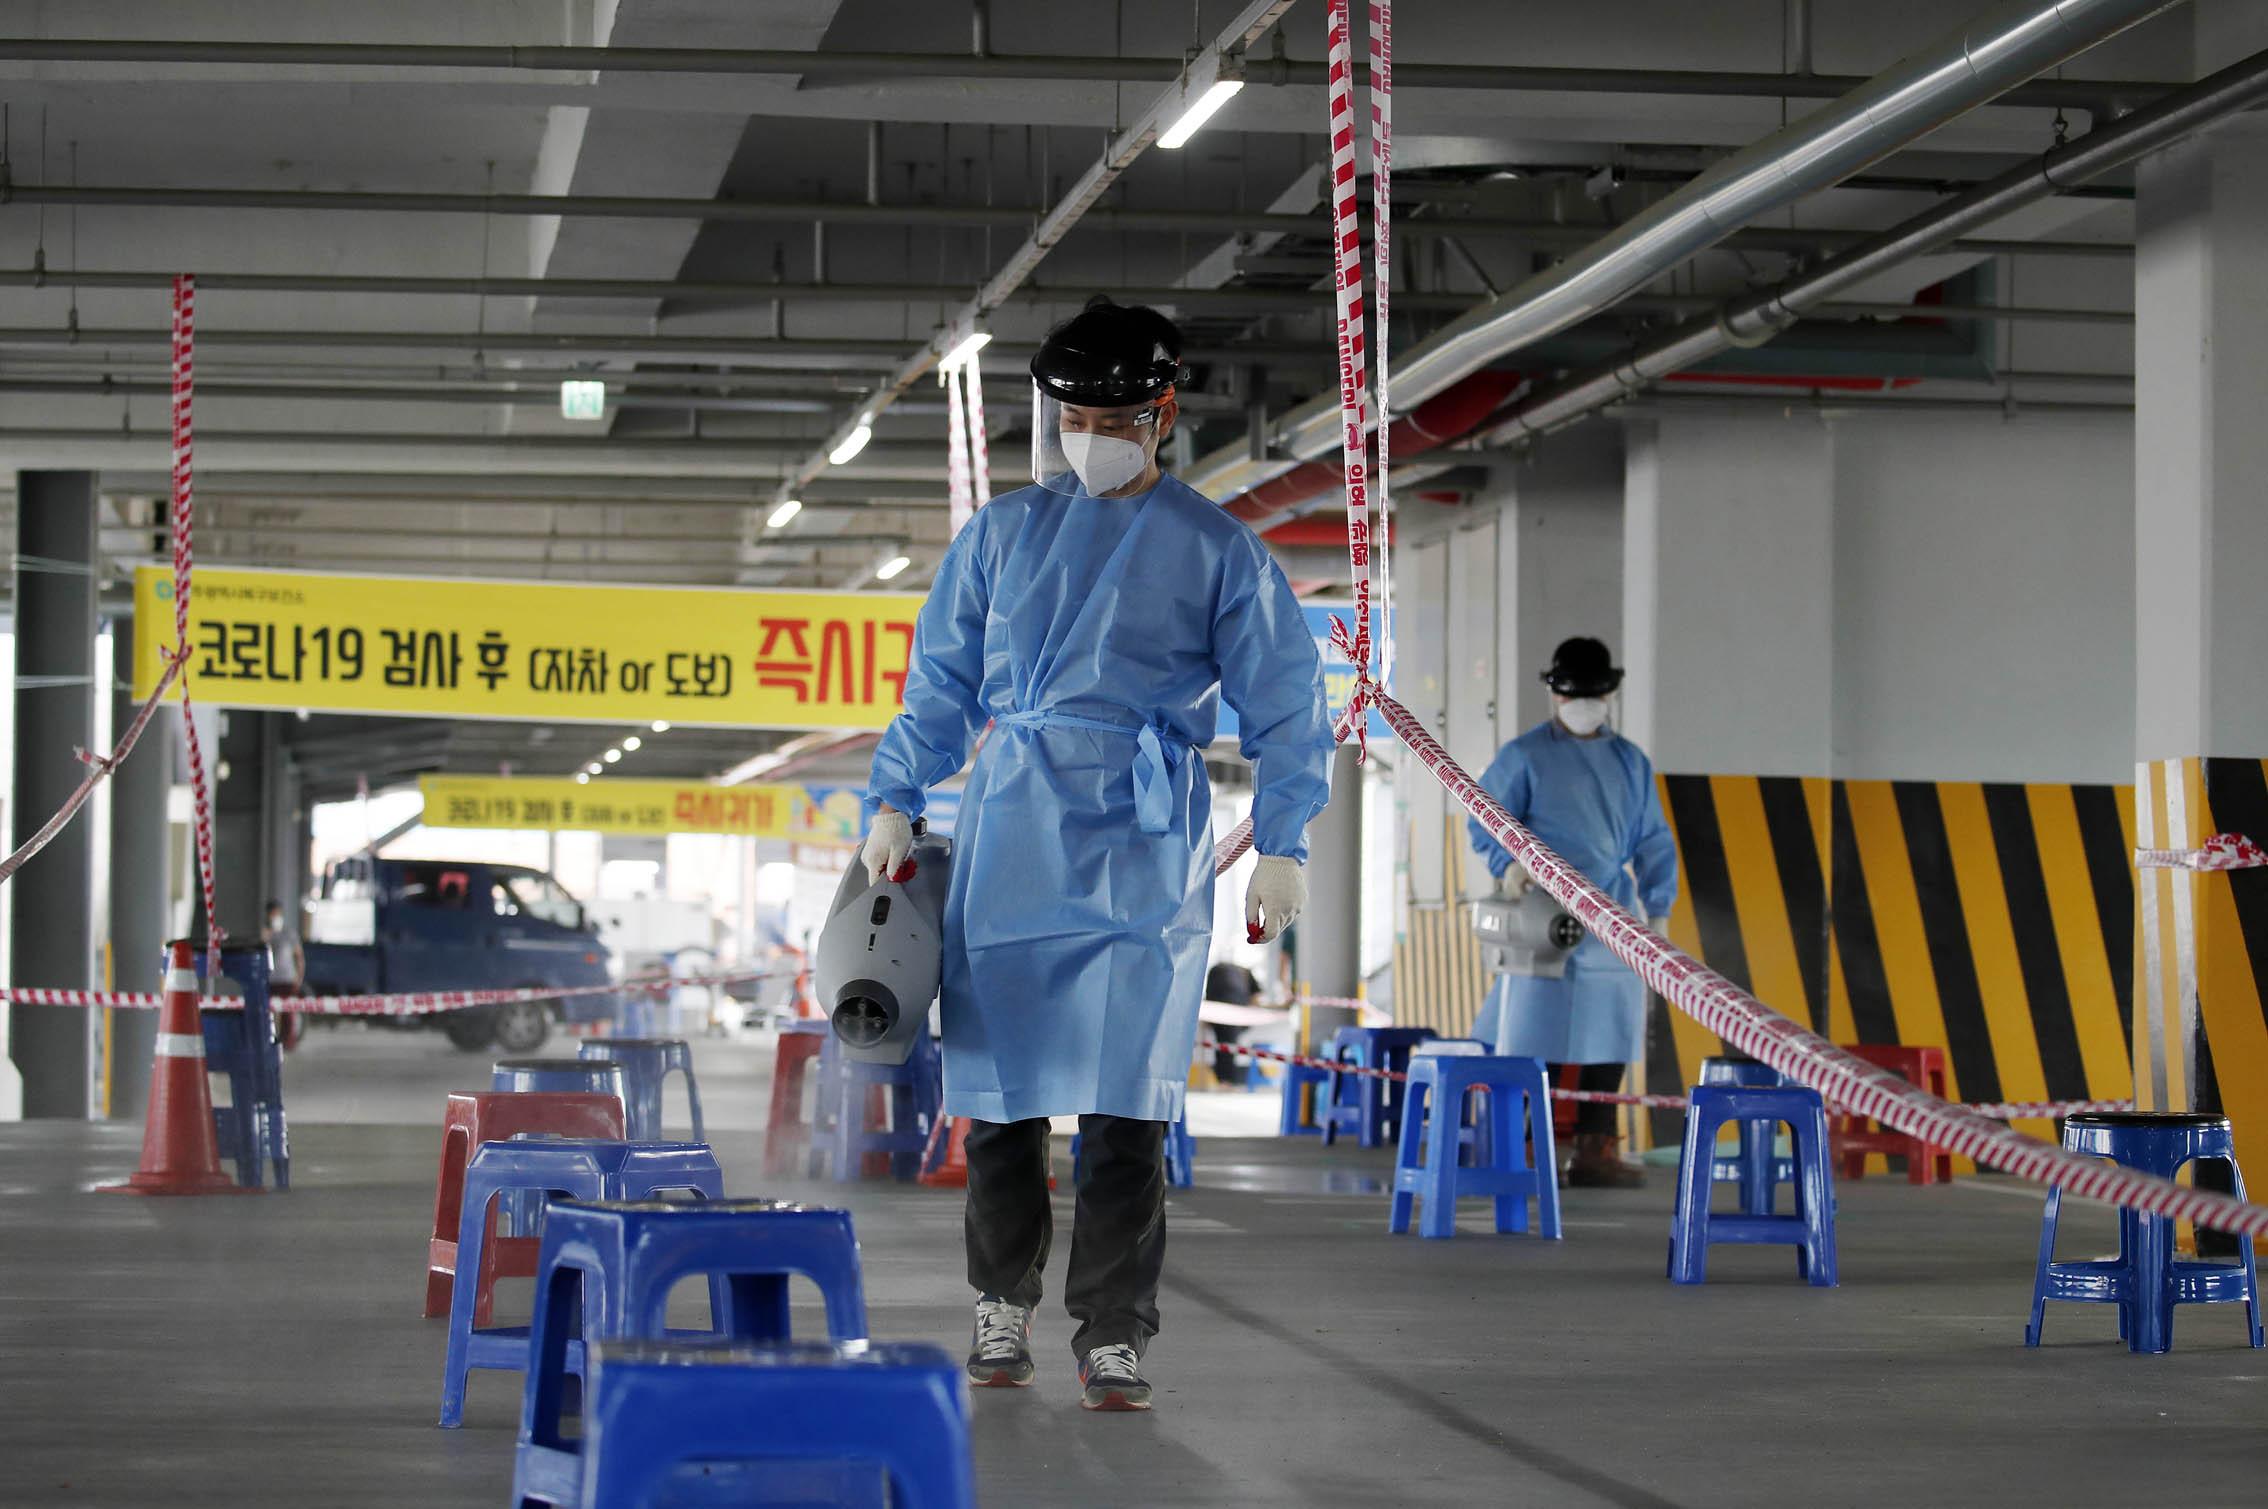 ▲▼光州市臨時診療所人員正進行消毒工作。(圖/達志影像)